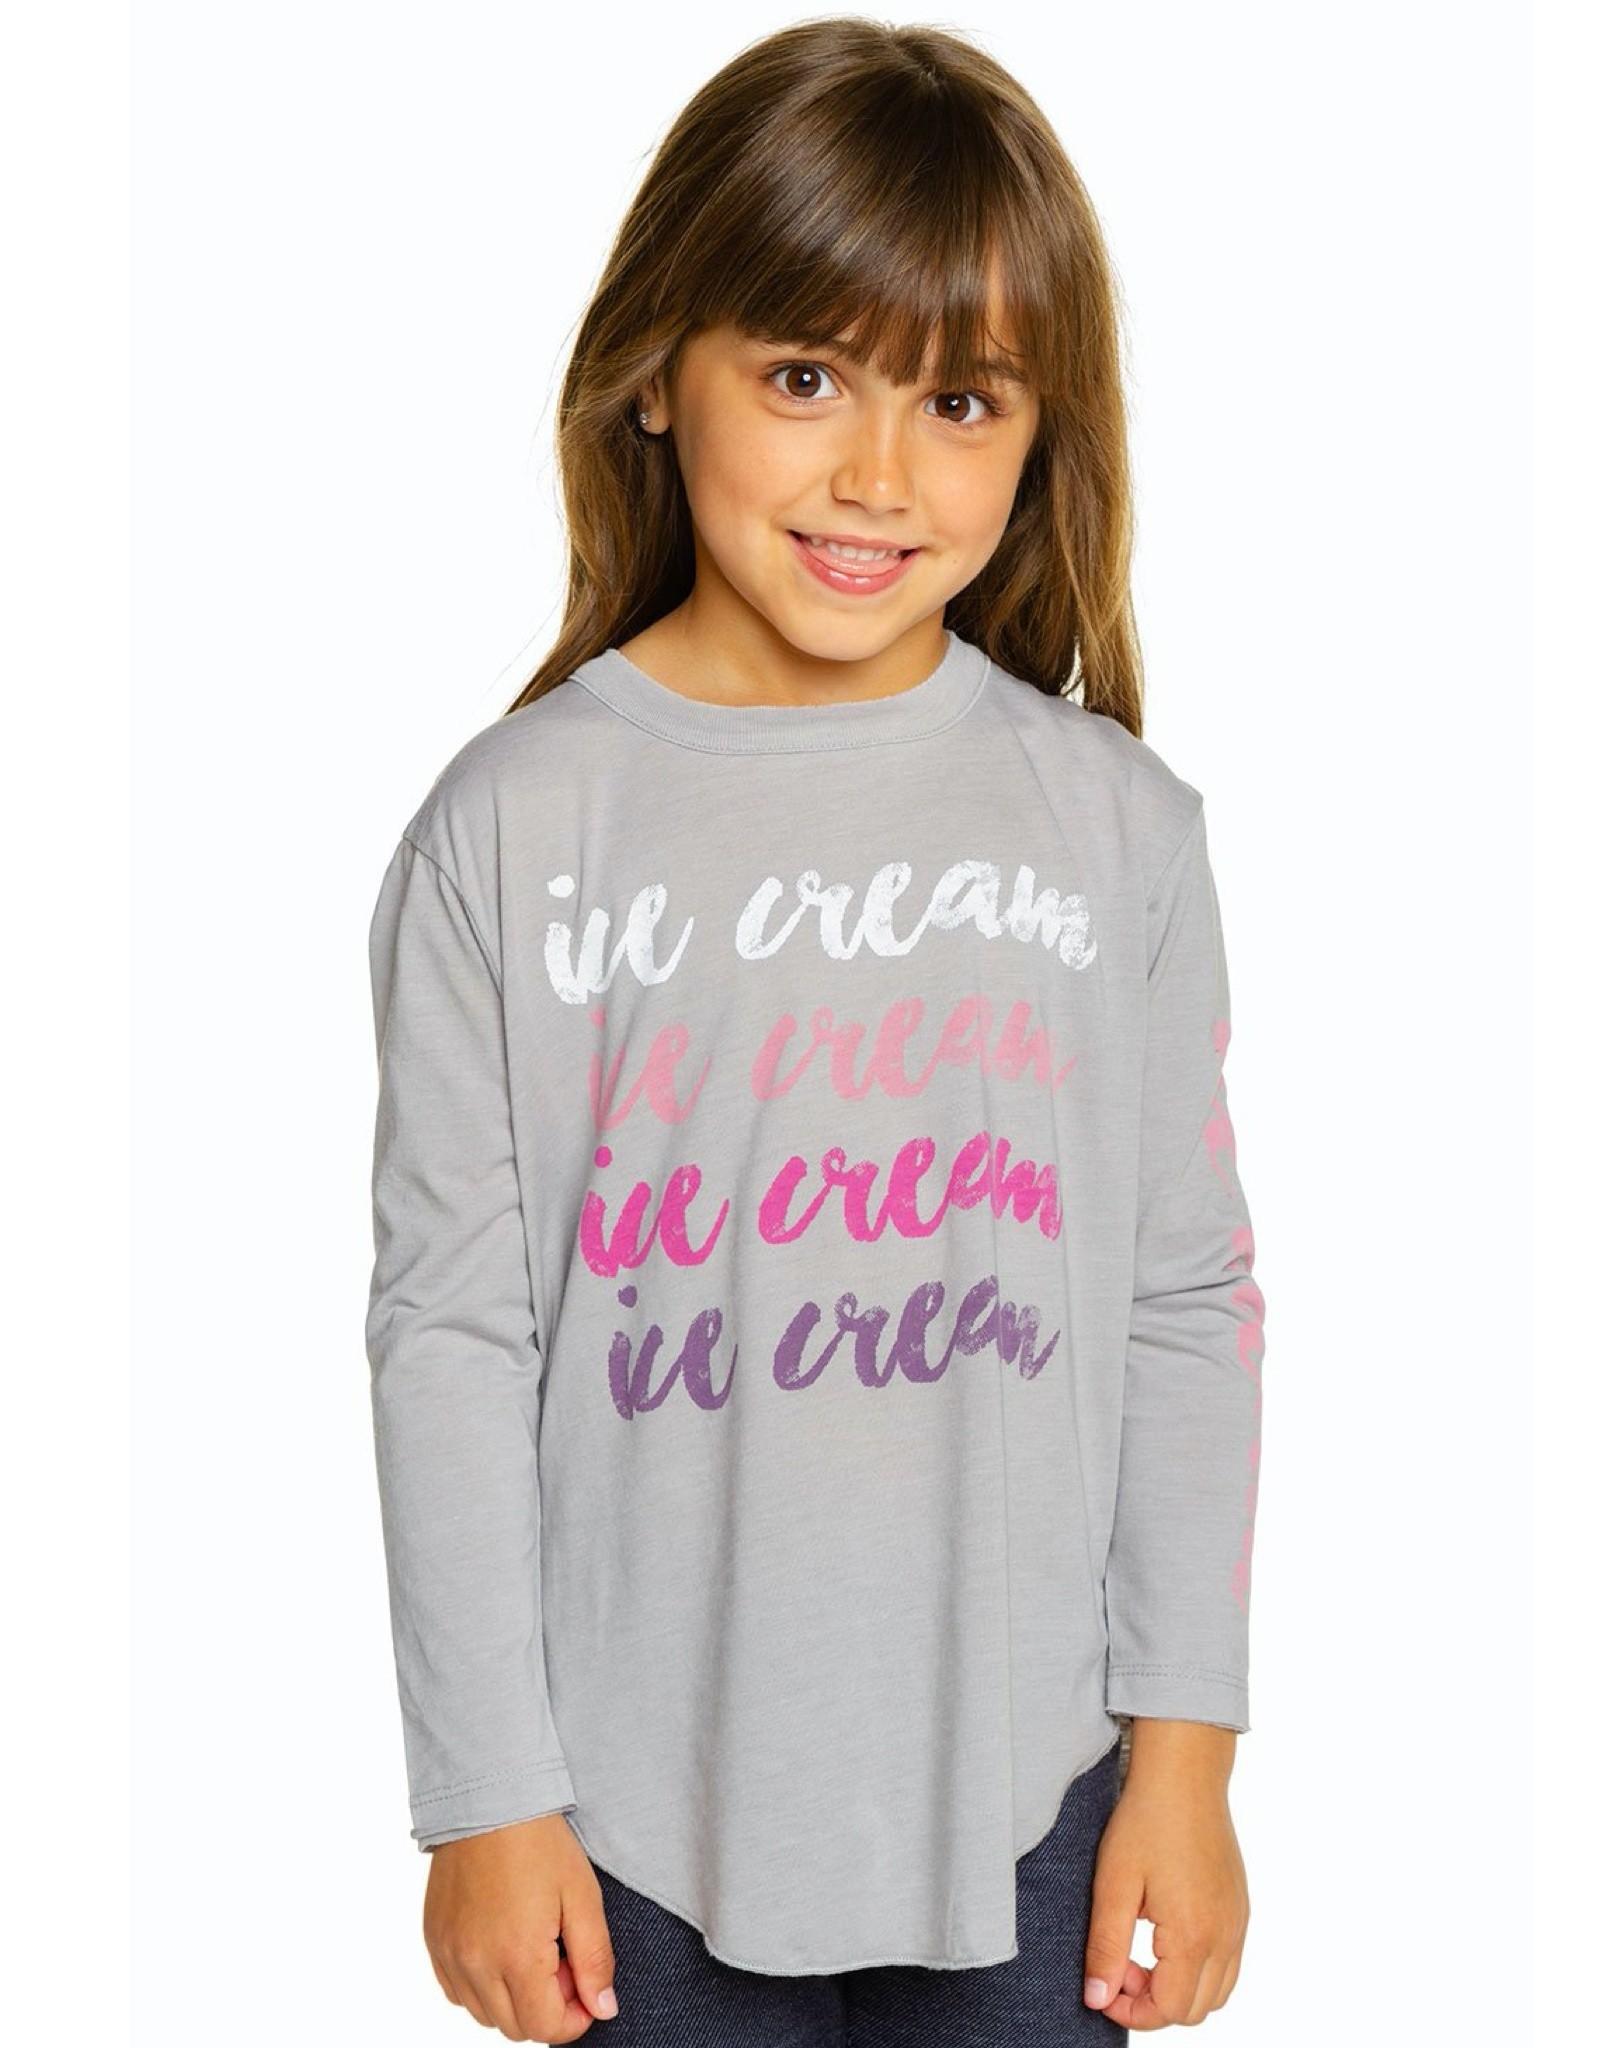 Chaser Brand Ice Cream Jersey Shirt